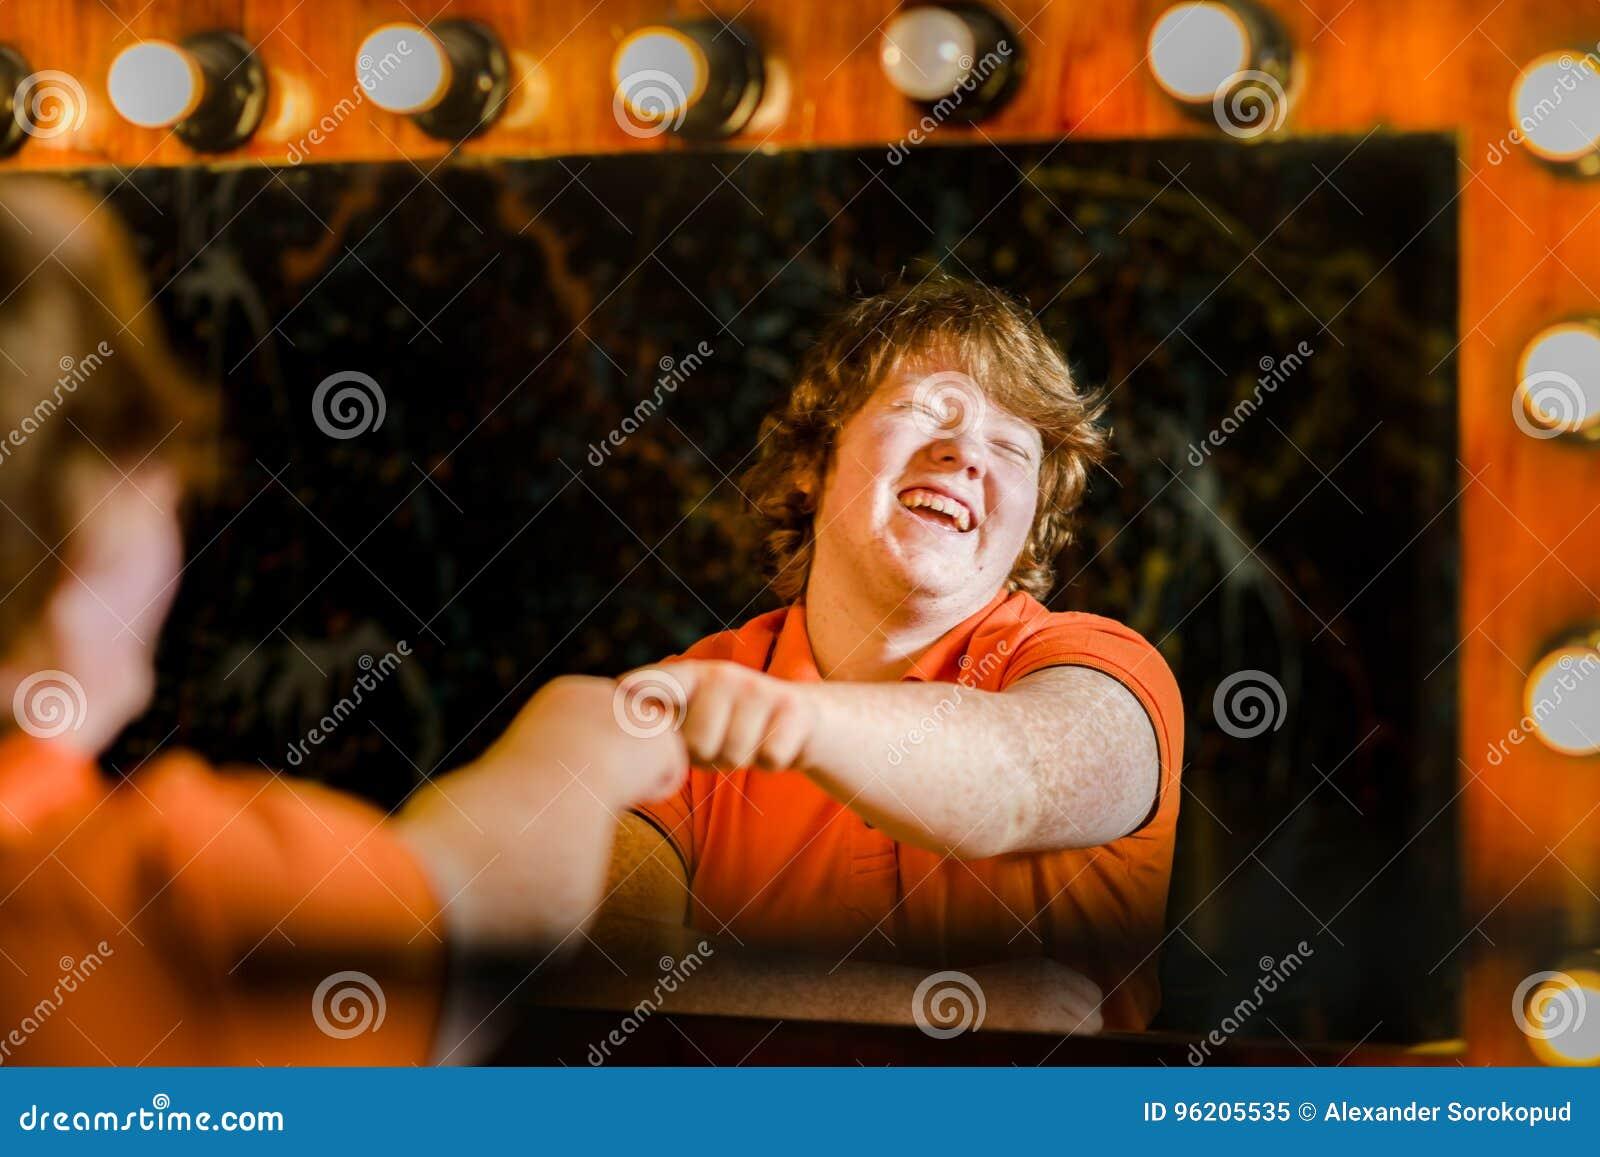 Рыжеволосый мальчик представляя перед зеркалом